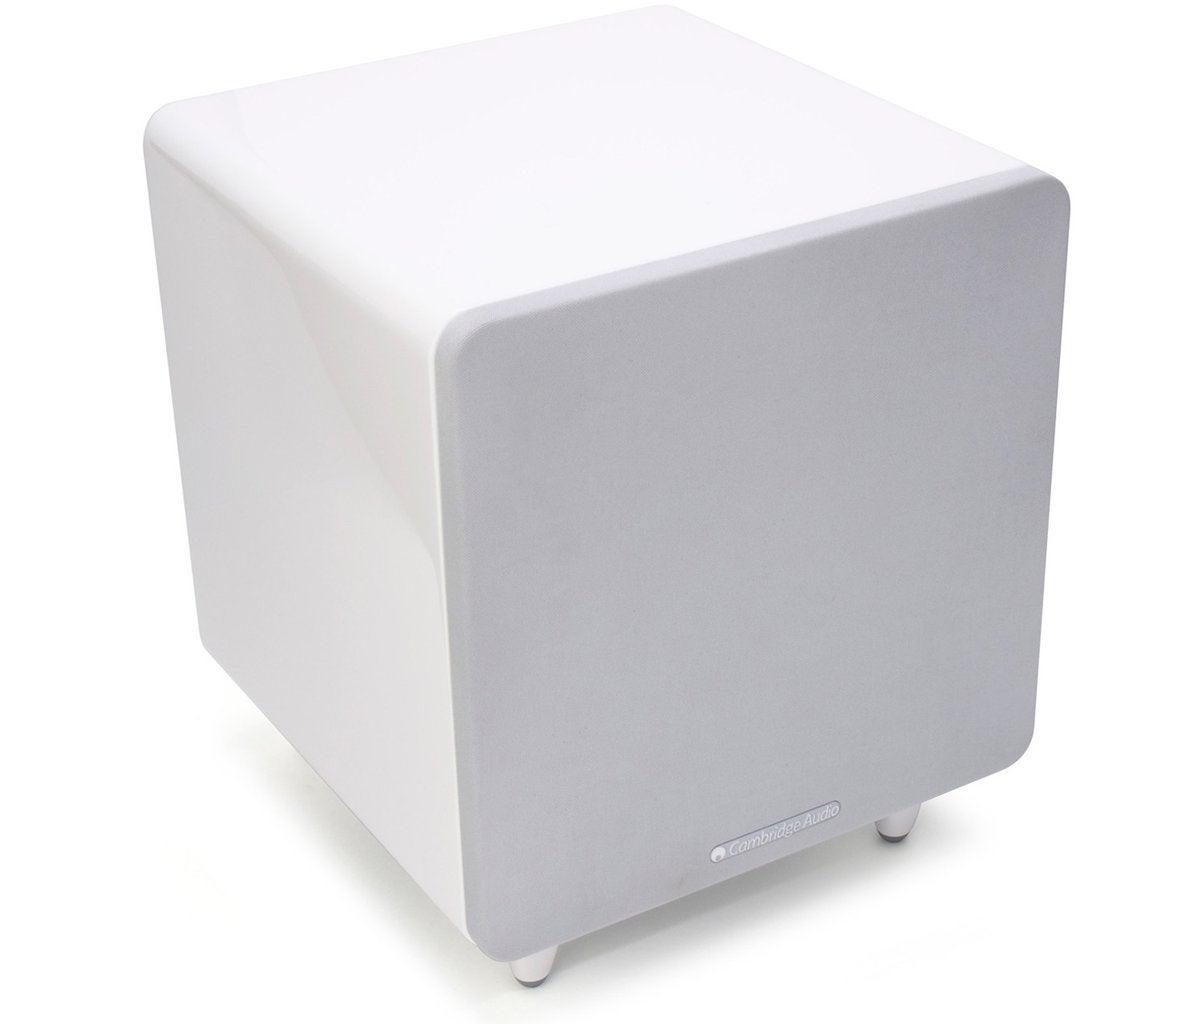 Cambridge Audio X301 Subwoofer Speaker